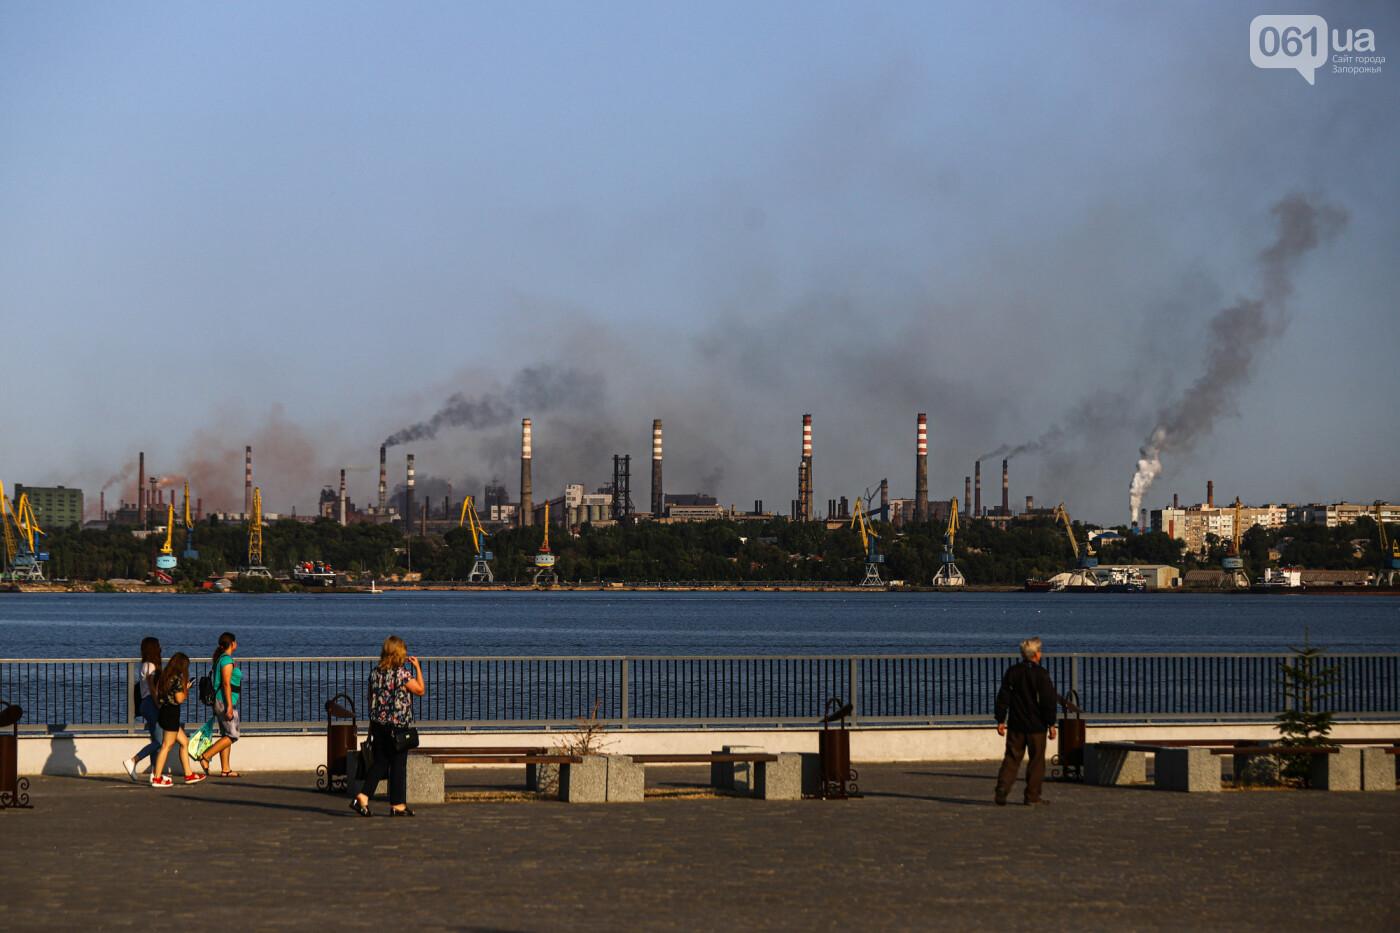 Запорожцы выйдут на митинг за чистый воздух - 10 фото о том, почему, фото-9